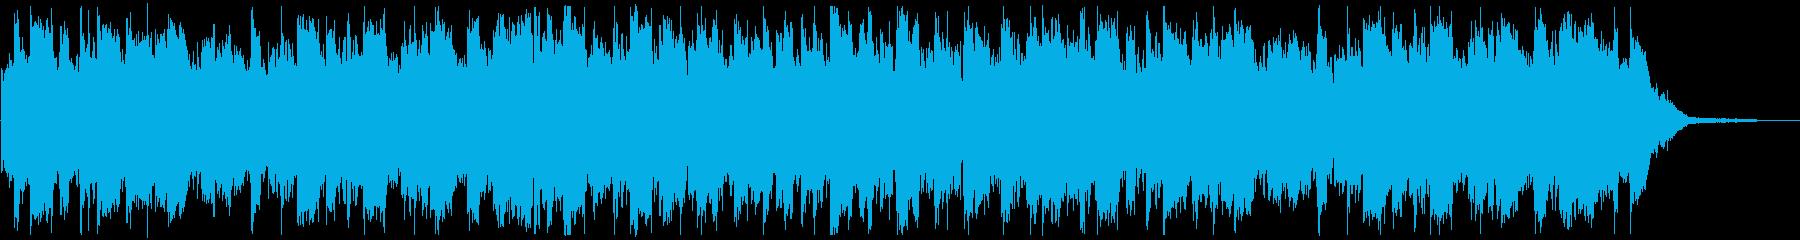 オープニング・おしゃれな洋楽ディスコの再生済みの波形